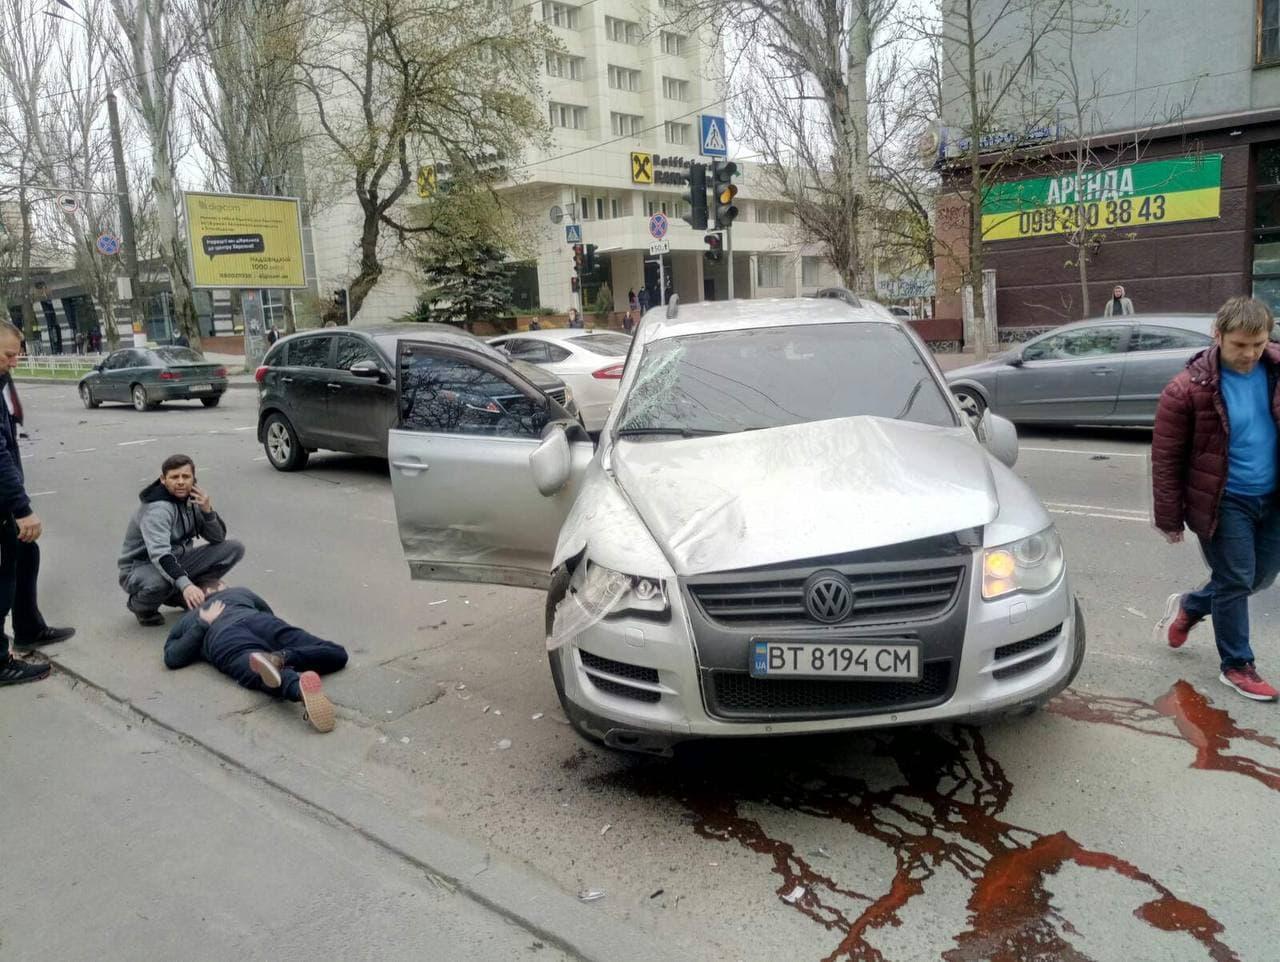 В Херсоне водитель «Мерседеса» протаранил «Фольксваген»: есть жертвы, - ВИДЕО